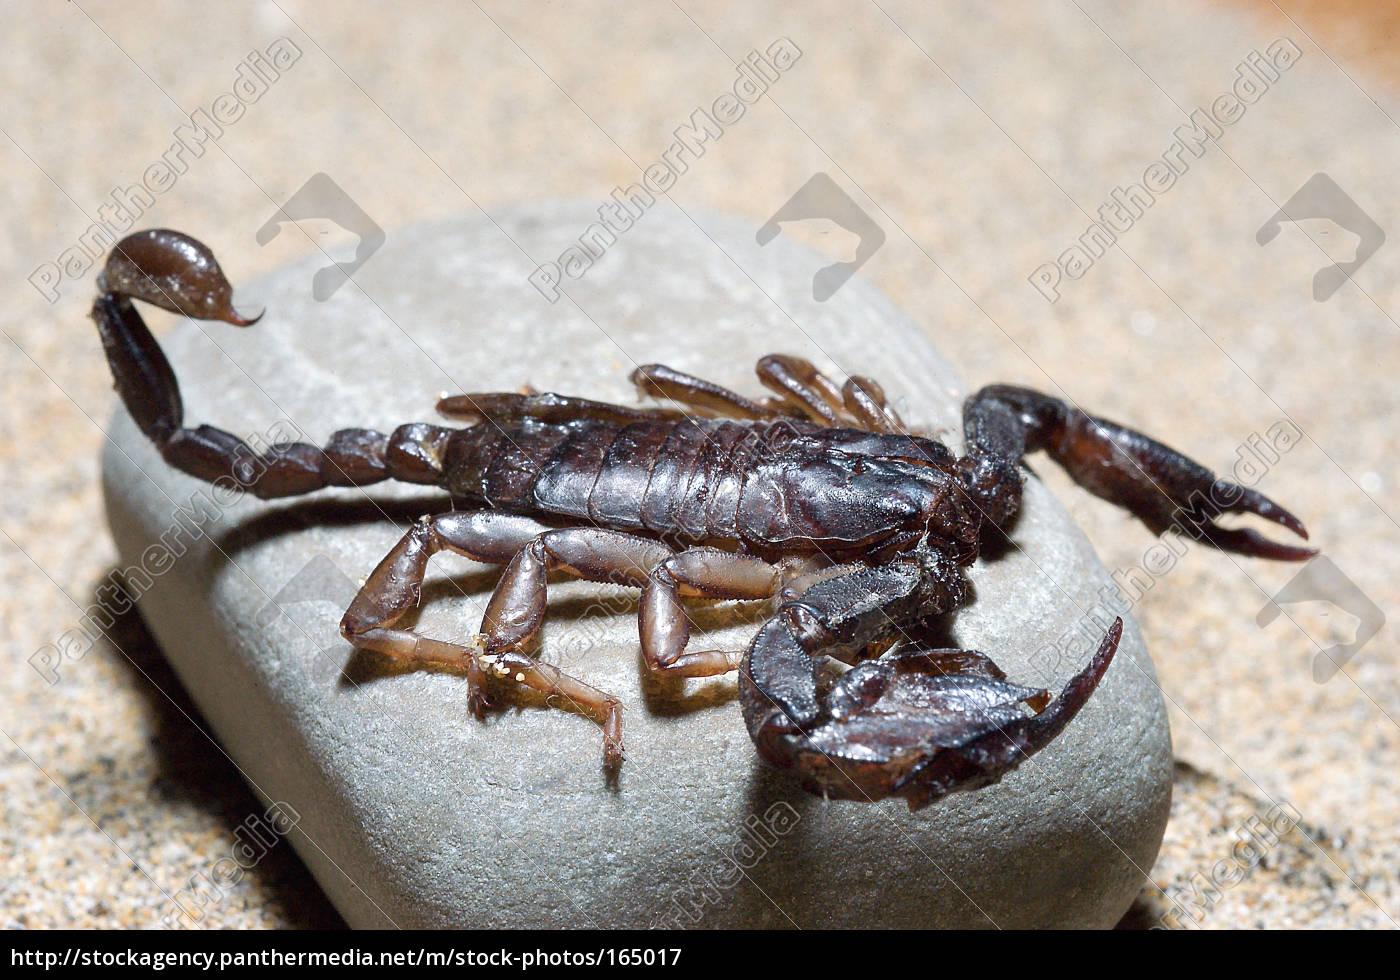 scorpio, 3 - 165017